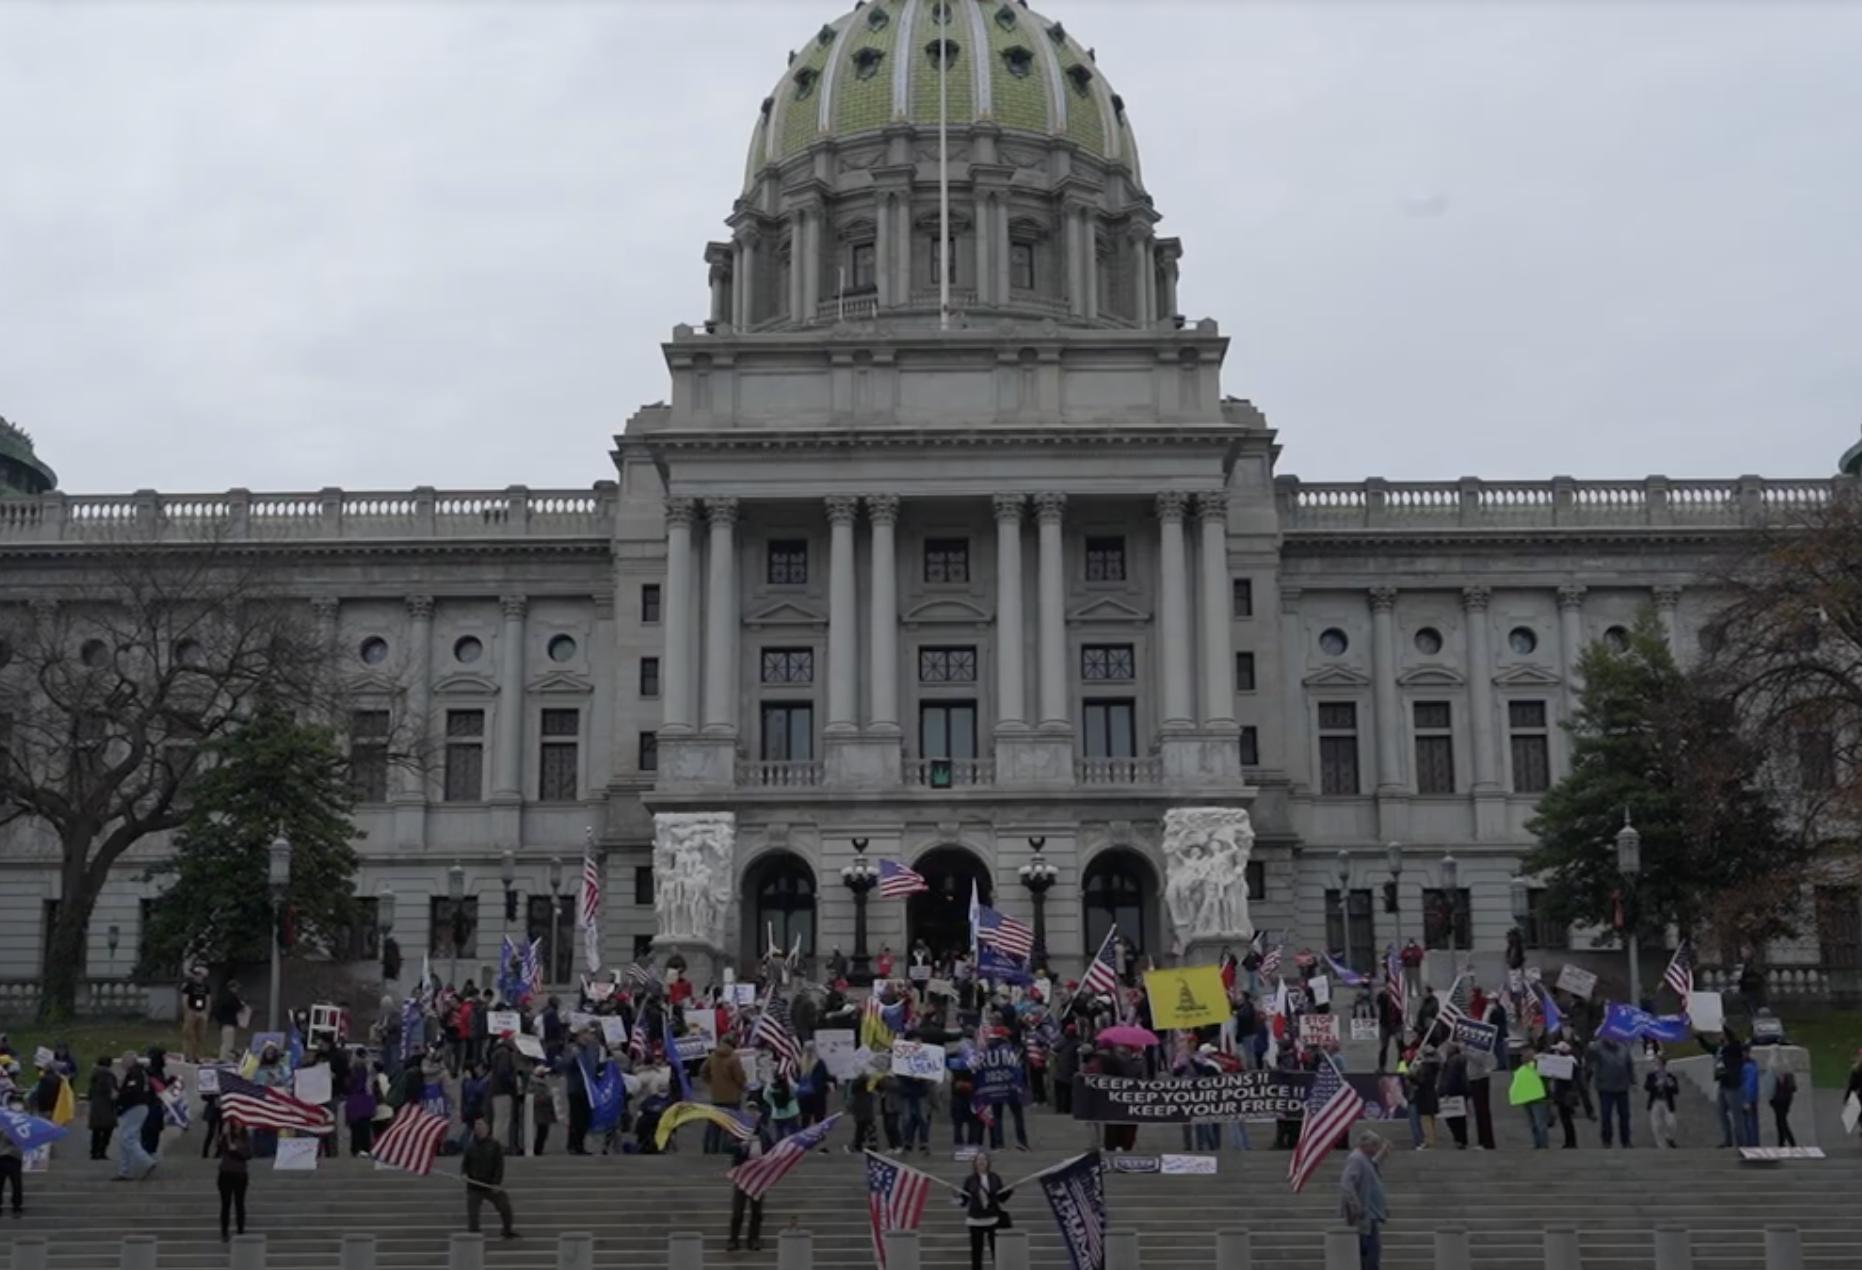 賓州「停止竊選」集會抗議 民眾:為正義而戰